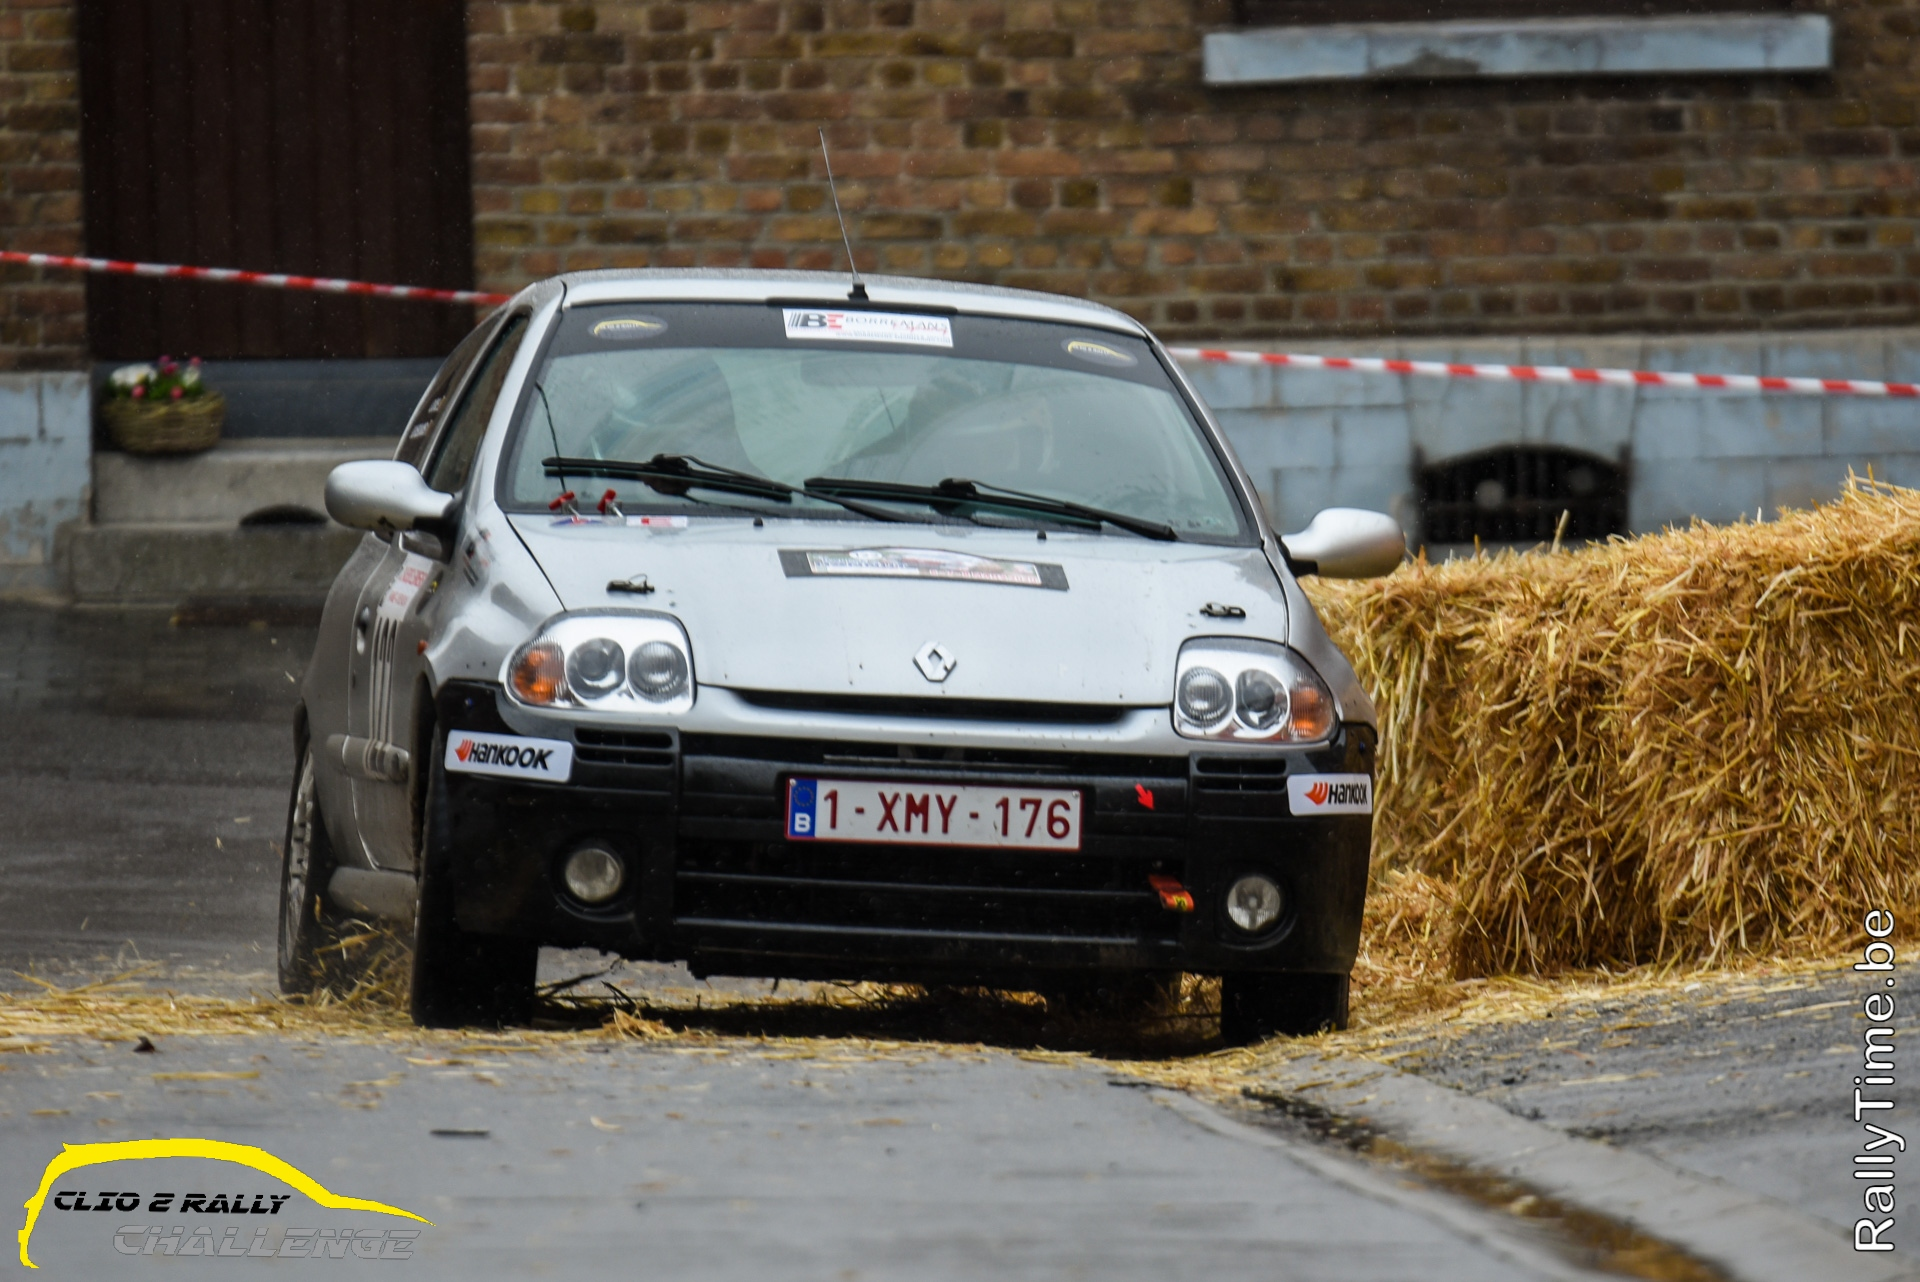 Clio 2 Rally Challenge trekt zich terug op gang in Critérium Jean-Louis Dumont 2020